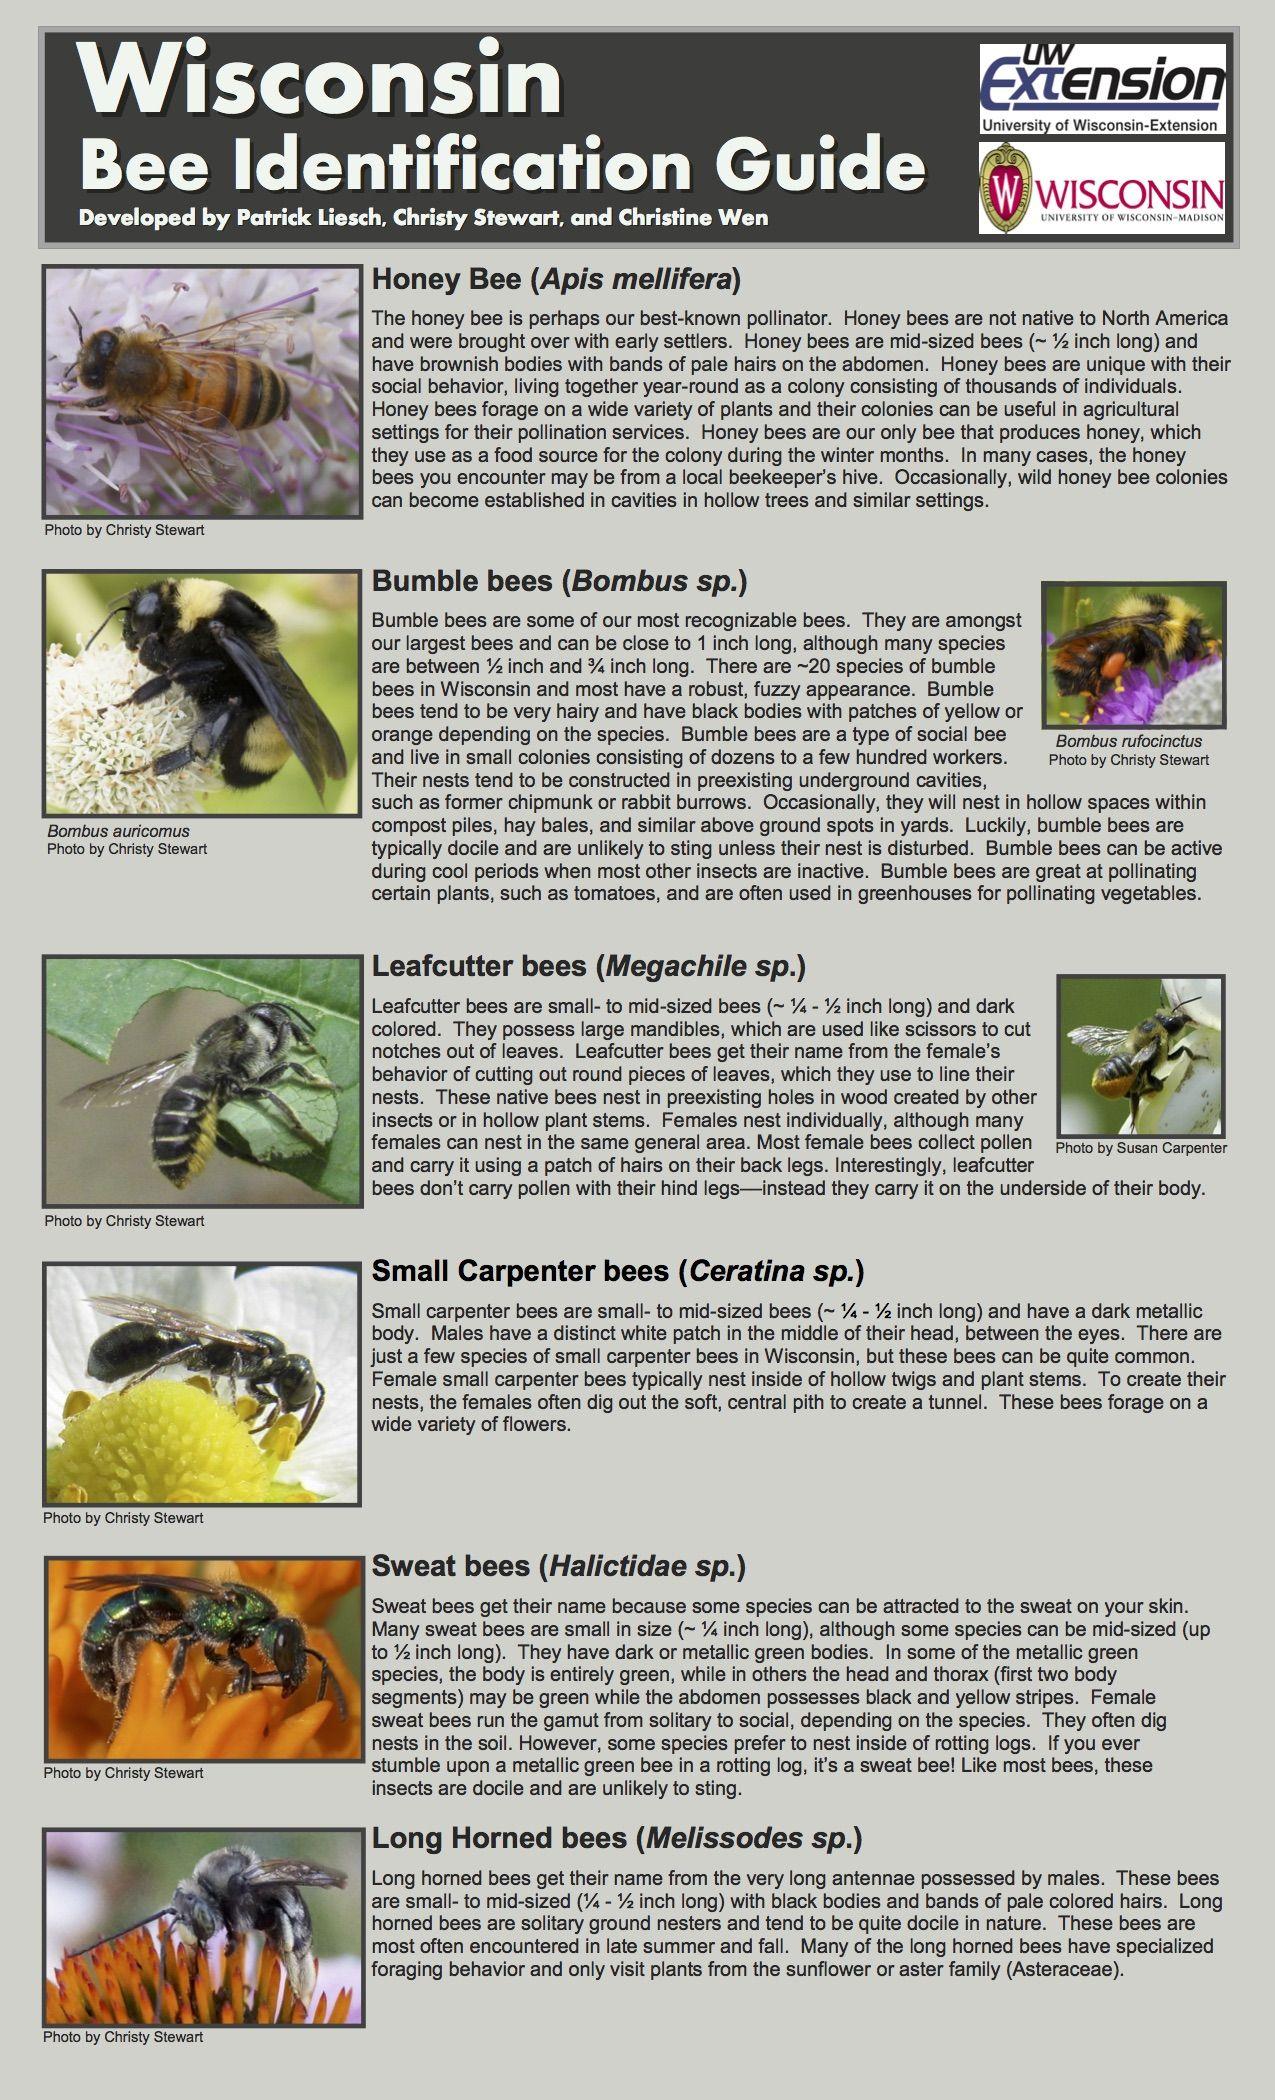 Wi Bee Identification Guide 2017 2 Jpg 1275 2100 Habitat